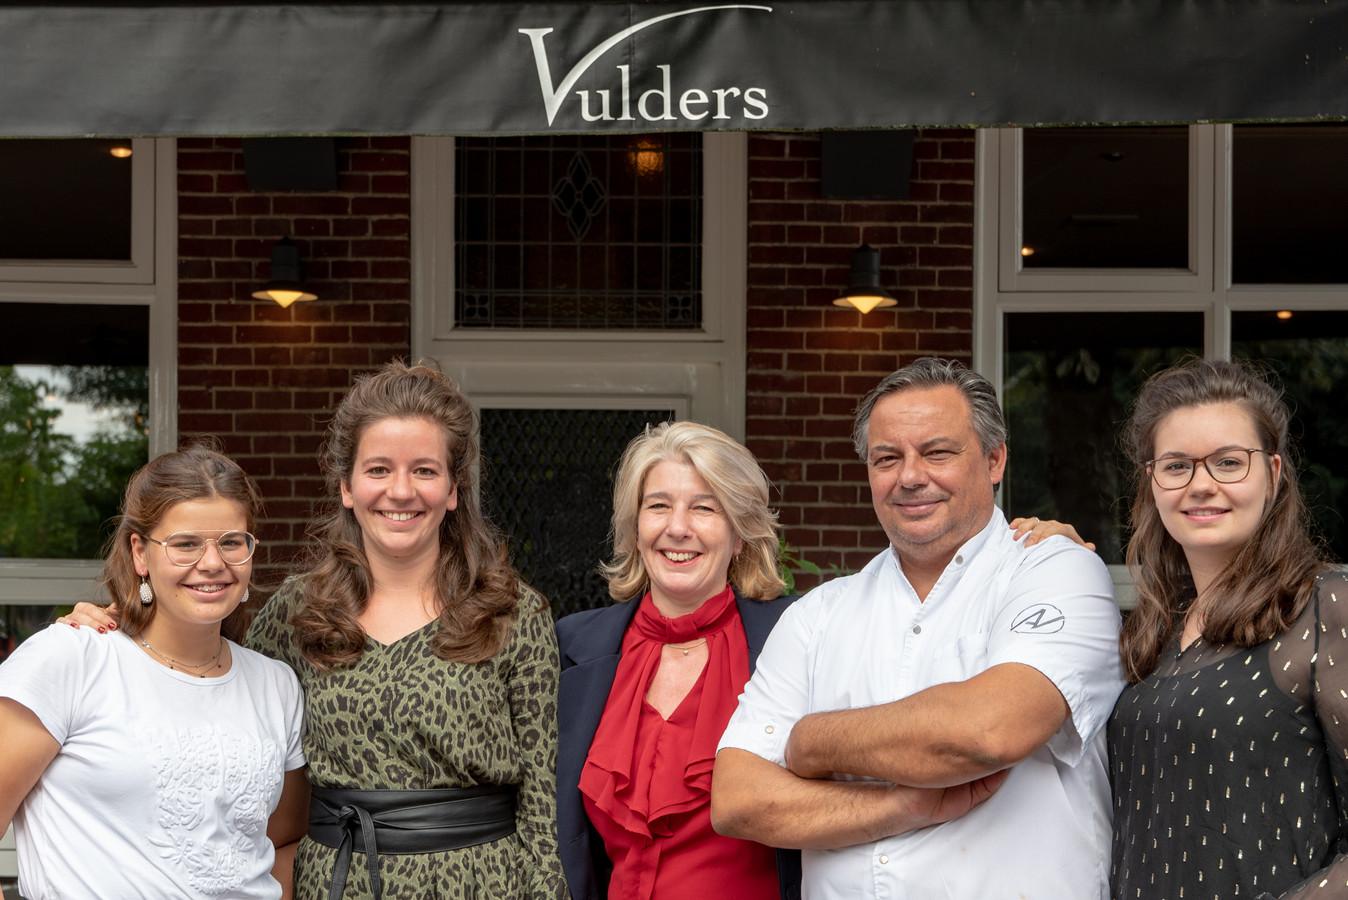 Familie Vulders voor hun brasserie aan de Gemullehoekenweg